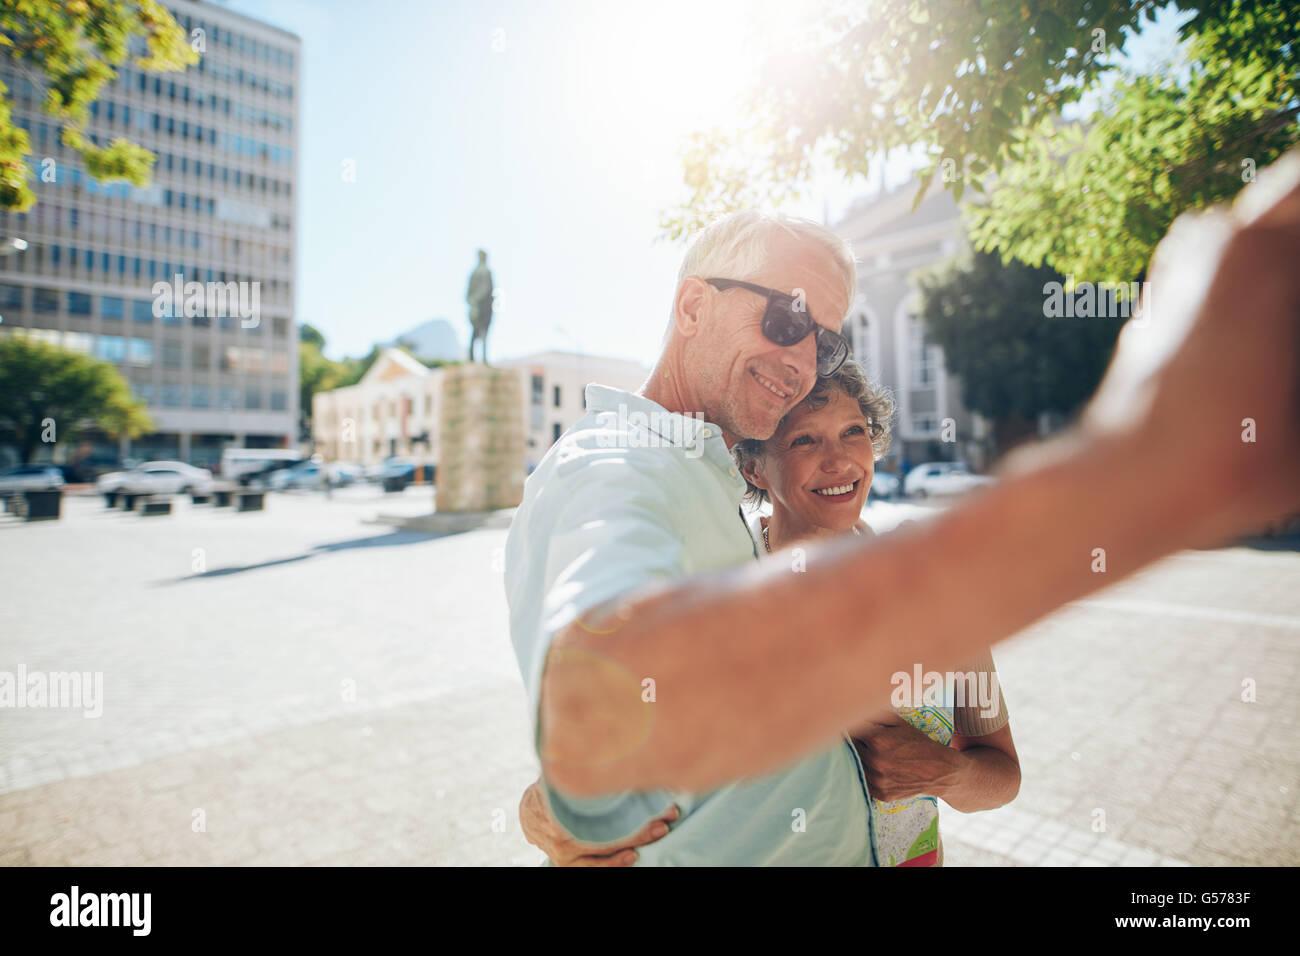 Feliz pareja senior y afectuoso abrazo y teniendo un selfie afuera. Turista tomar autorretratos en su verano vacat Imagen De Stock